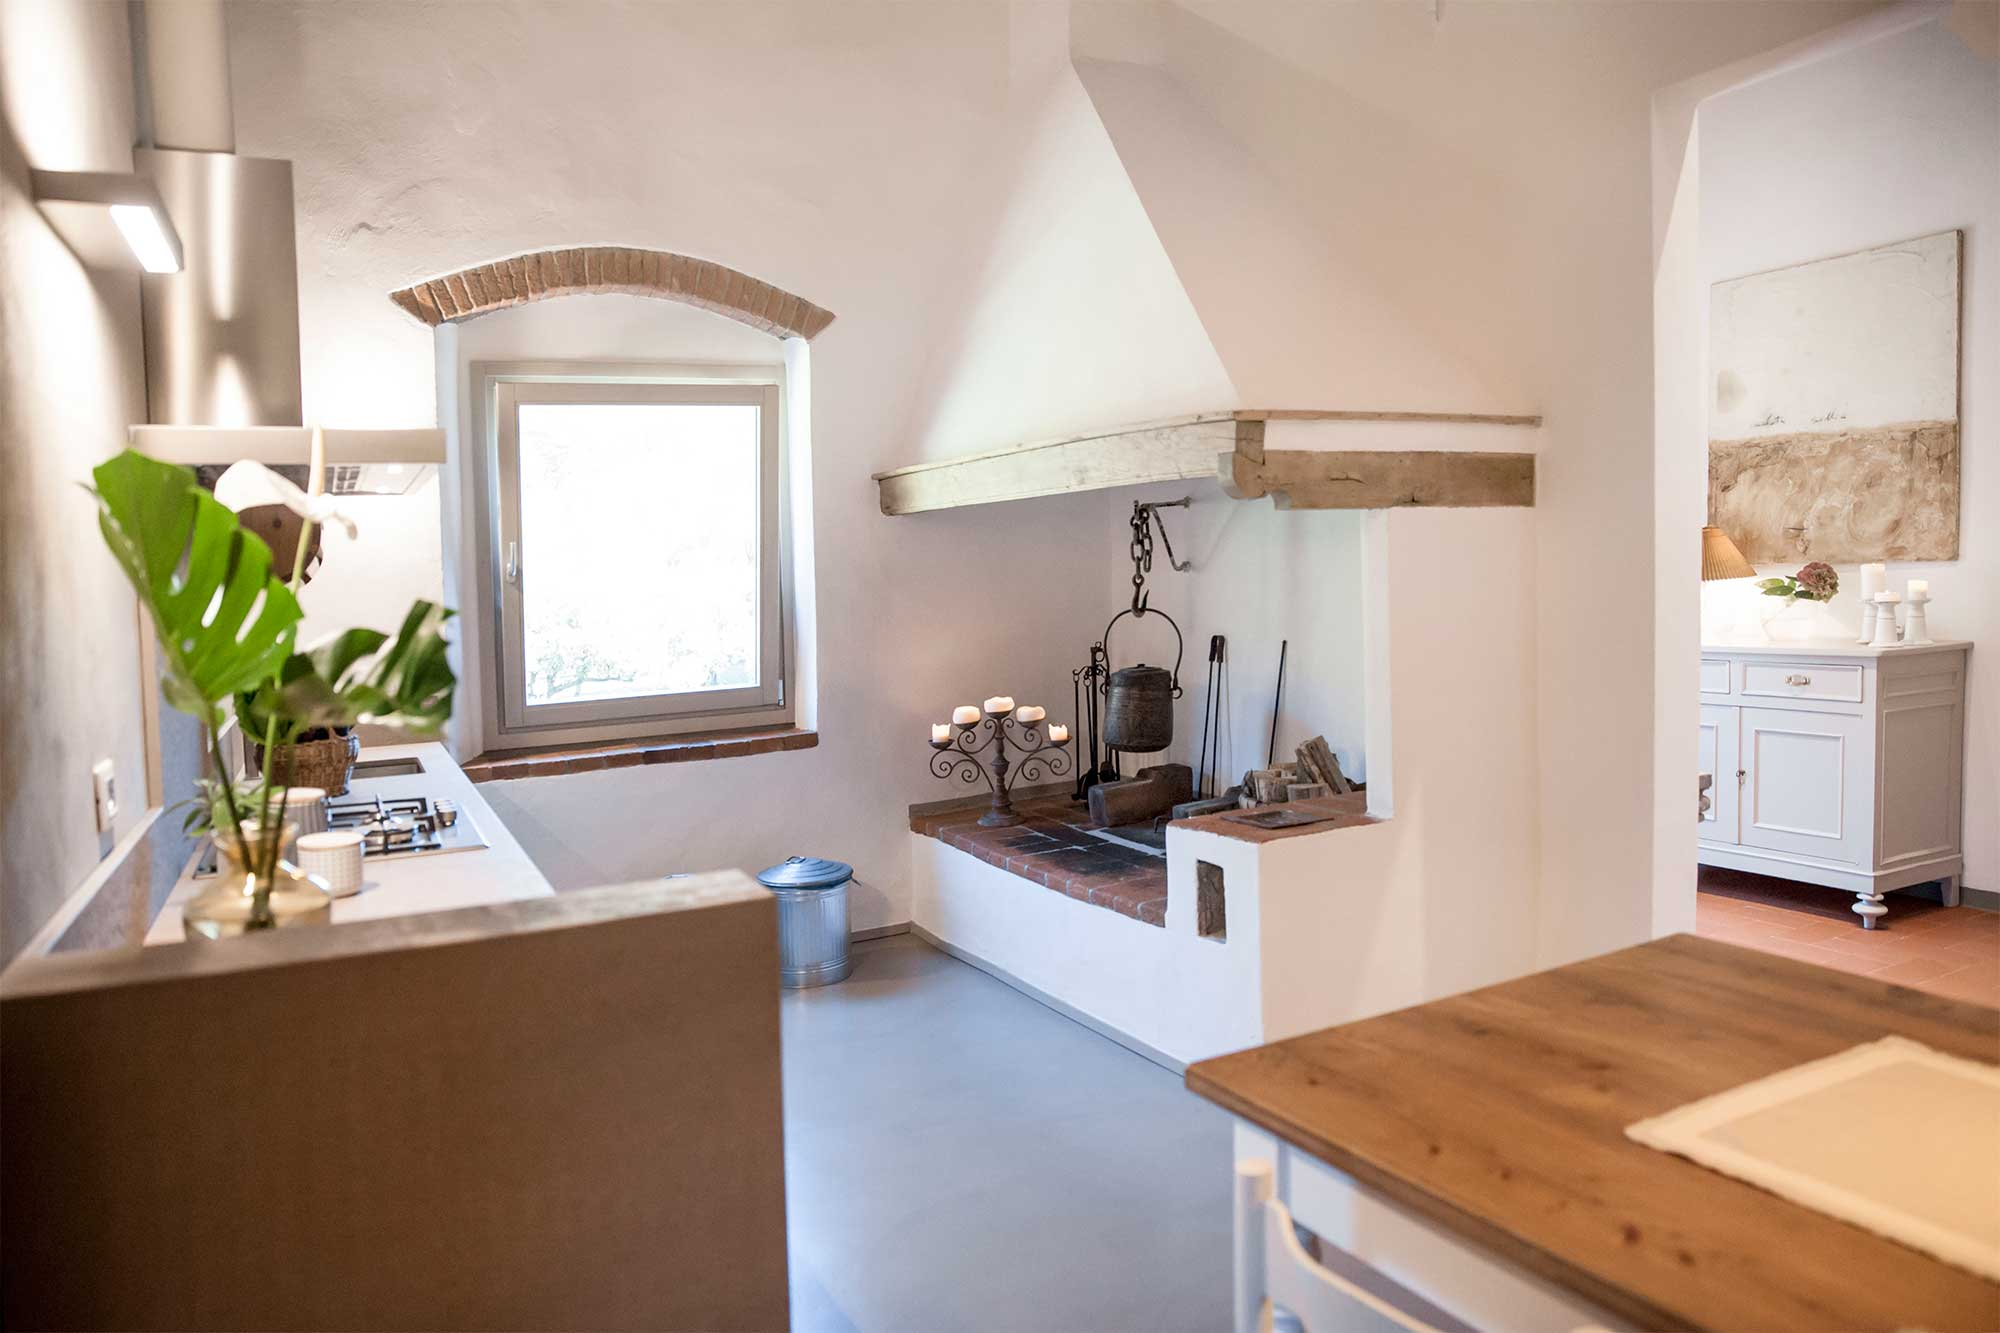 Visione cucina - Studio YtArch | Marco Forcelli e Letizia Pietraperzia